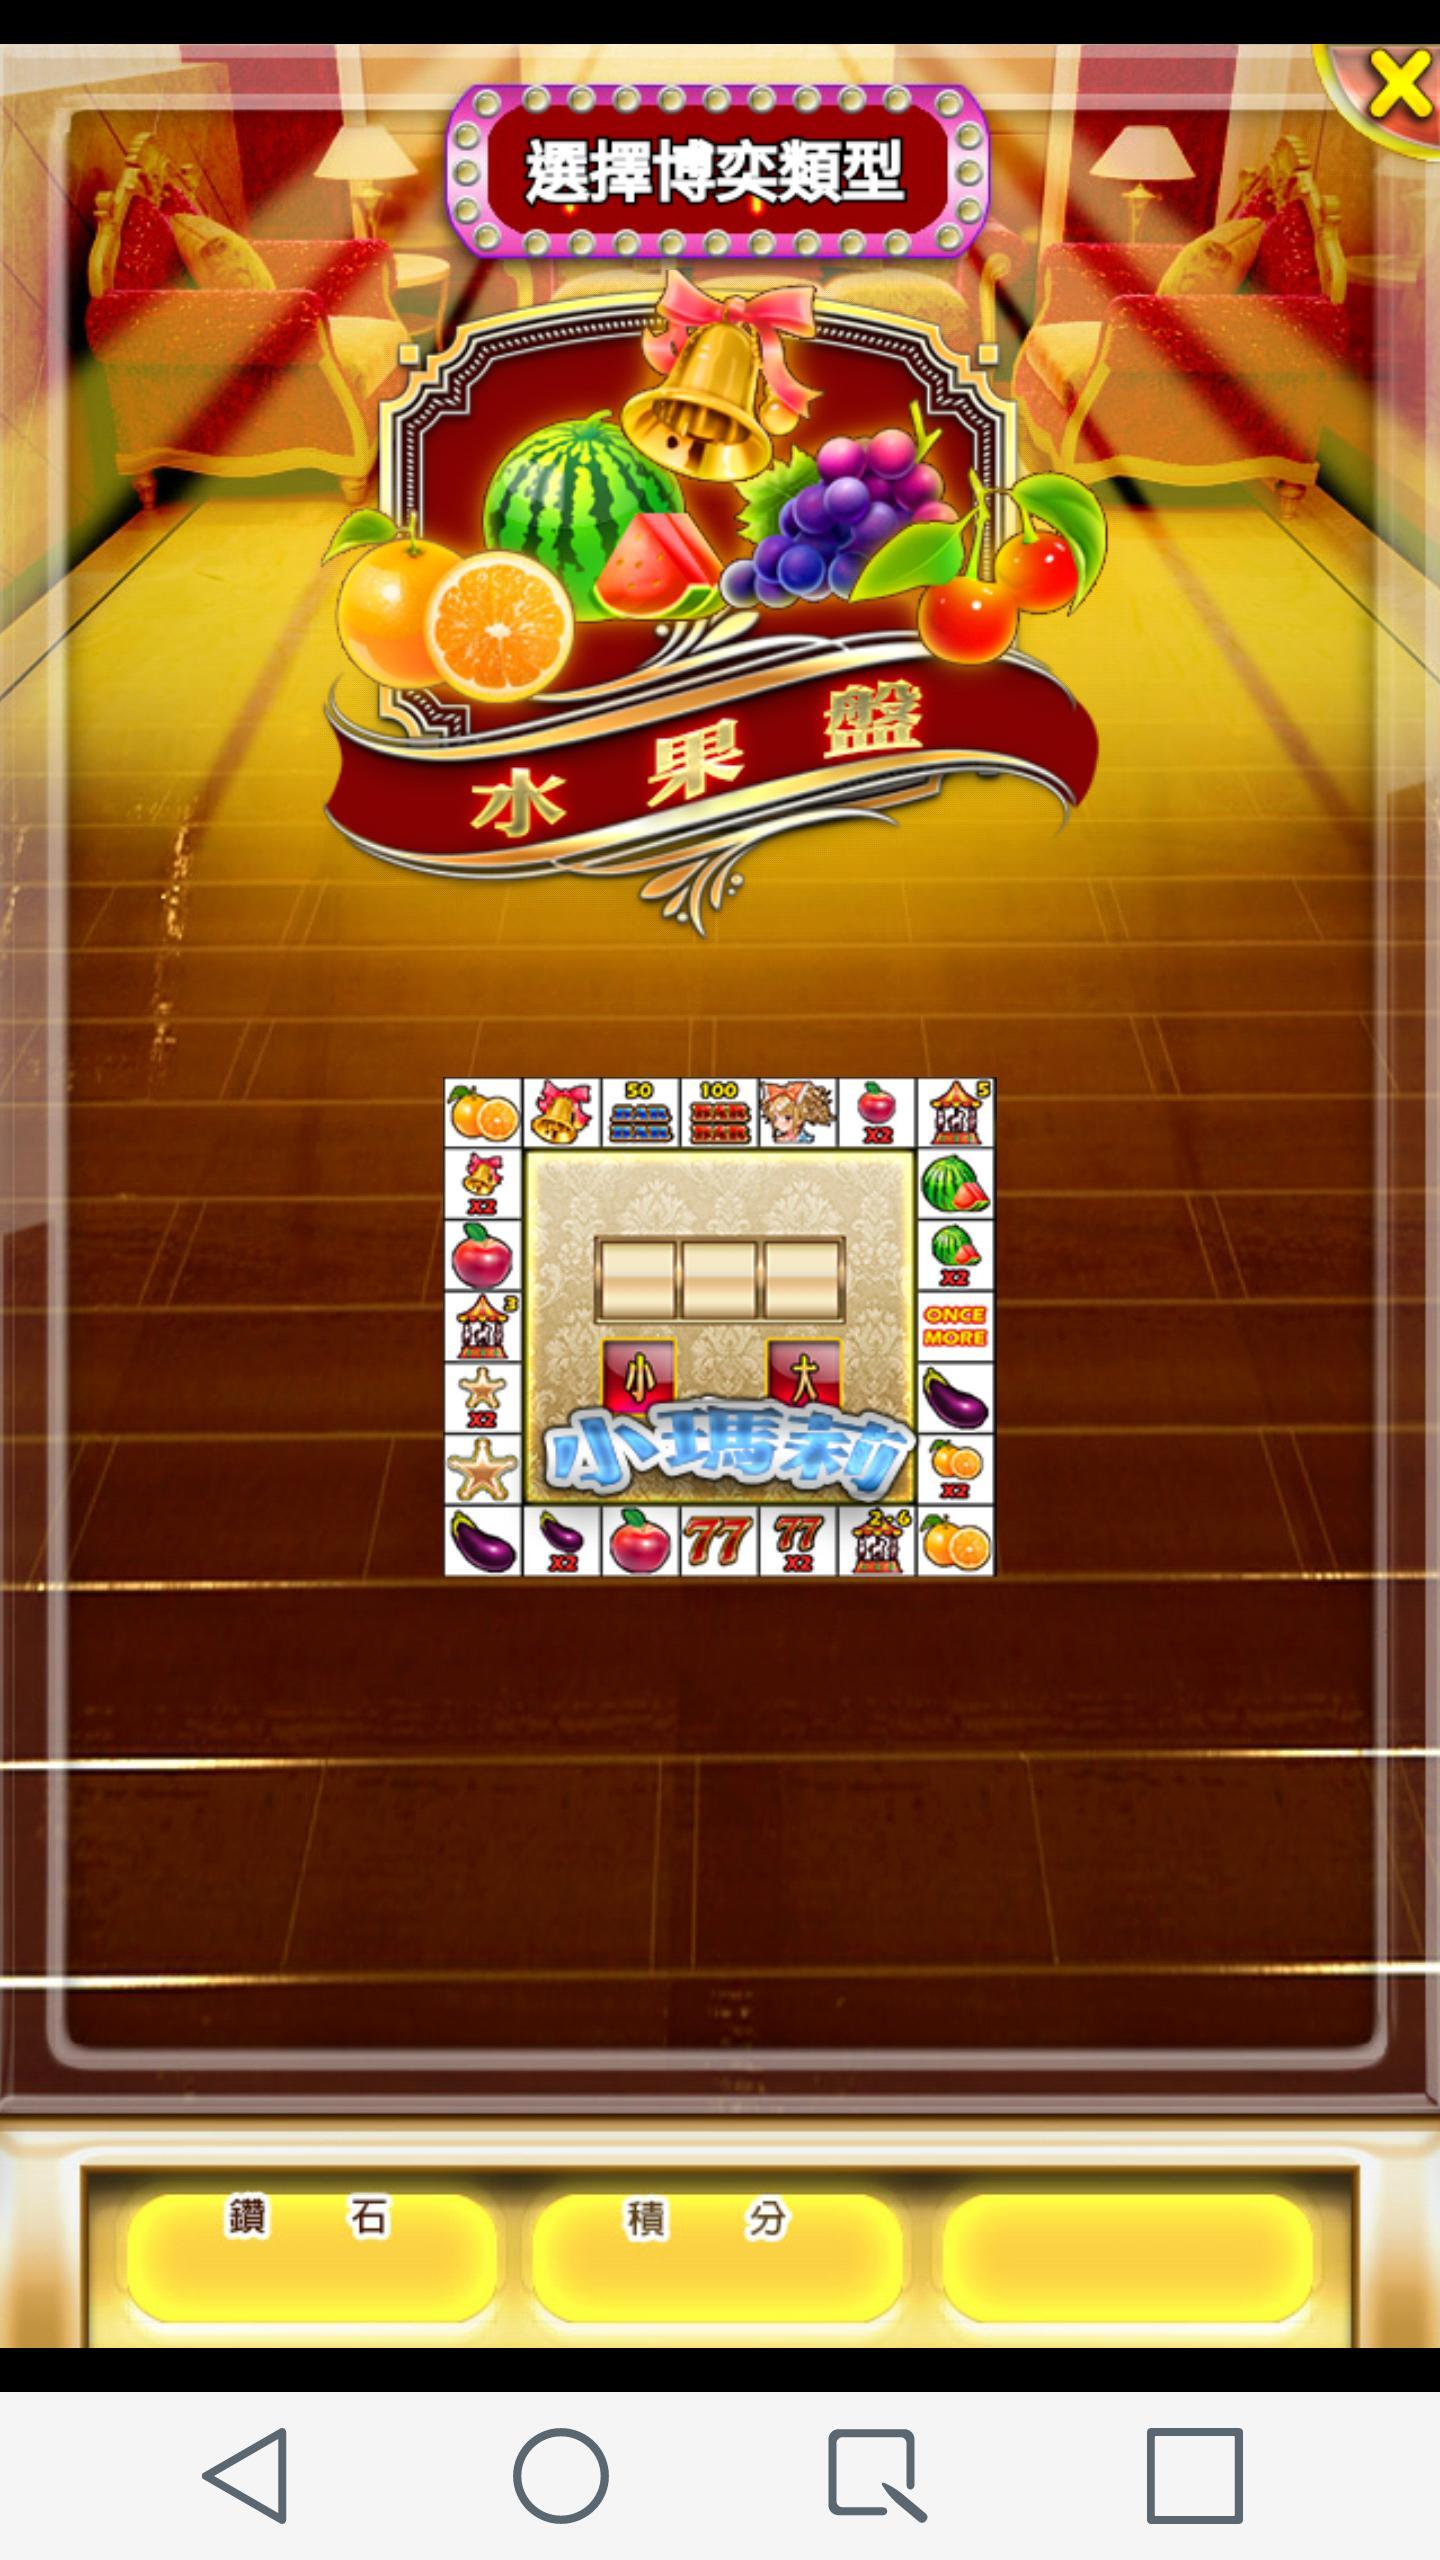 辣妹水果盤 1 تصوير الشاشة